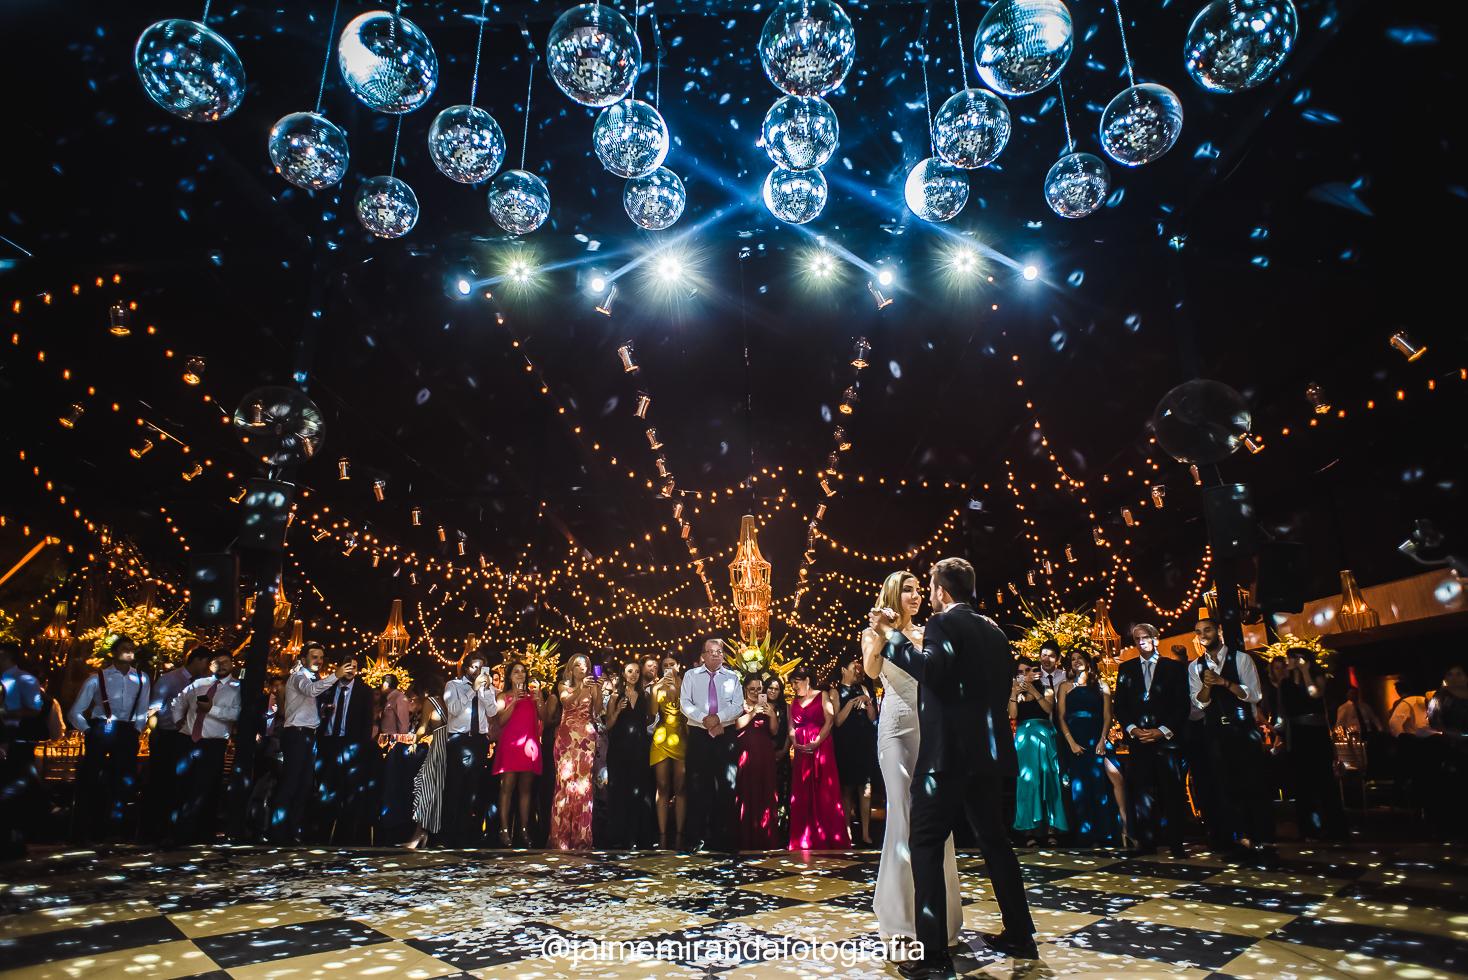 jaime miranda fotografia matrimonios (4)